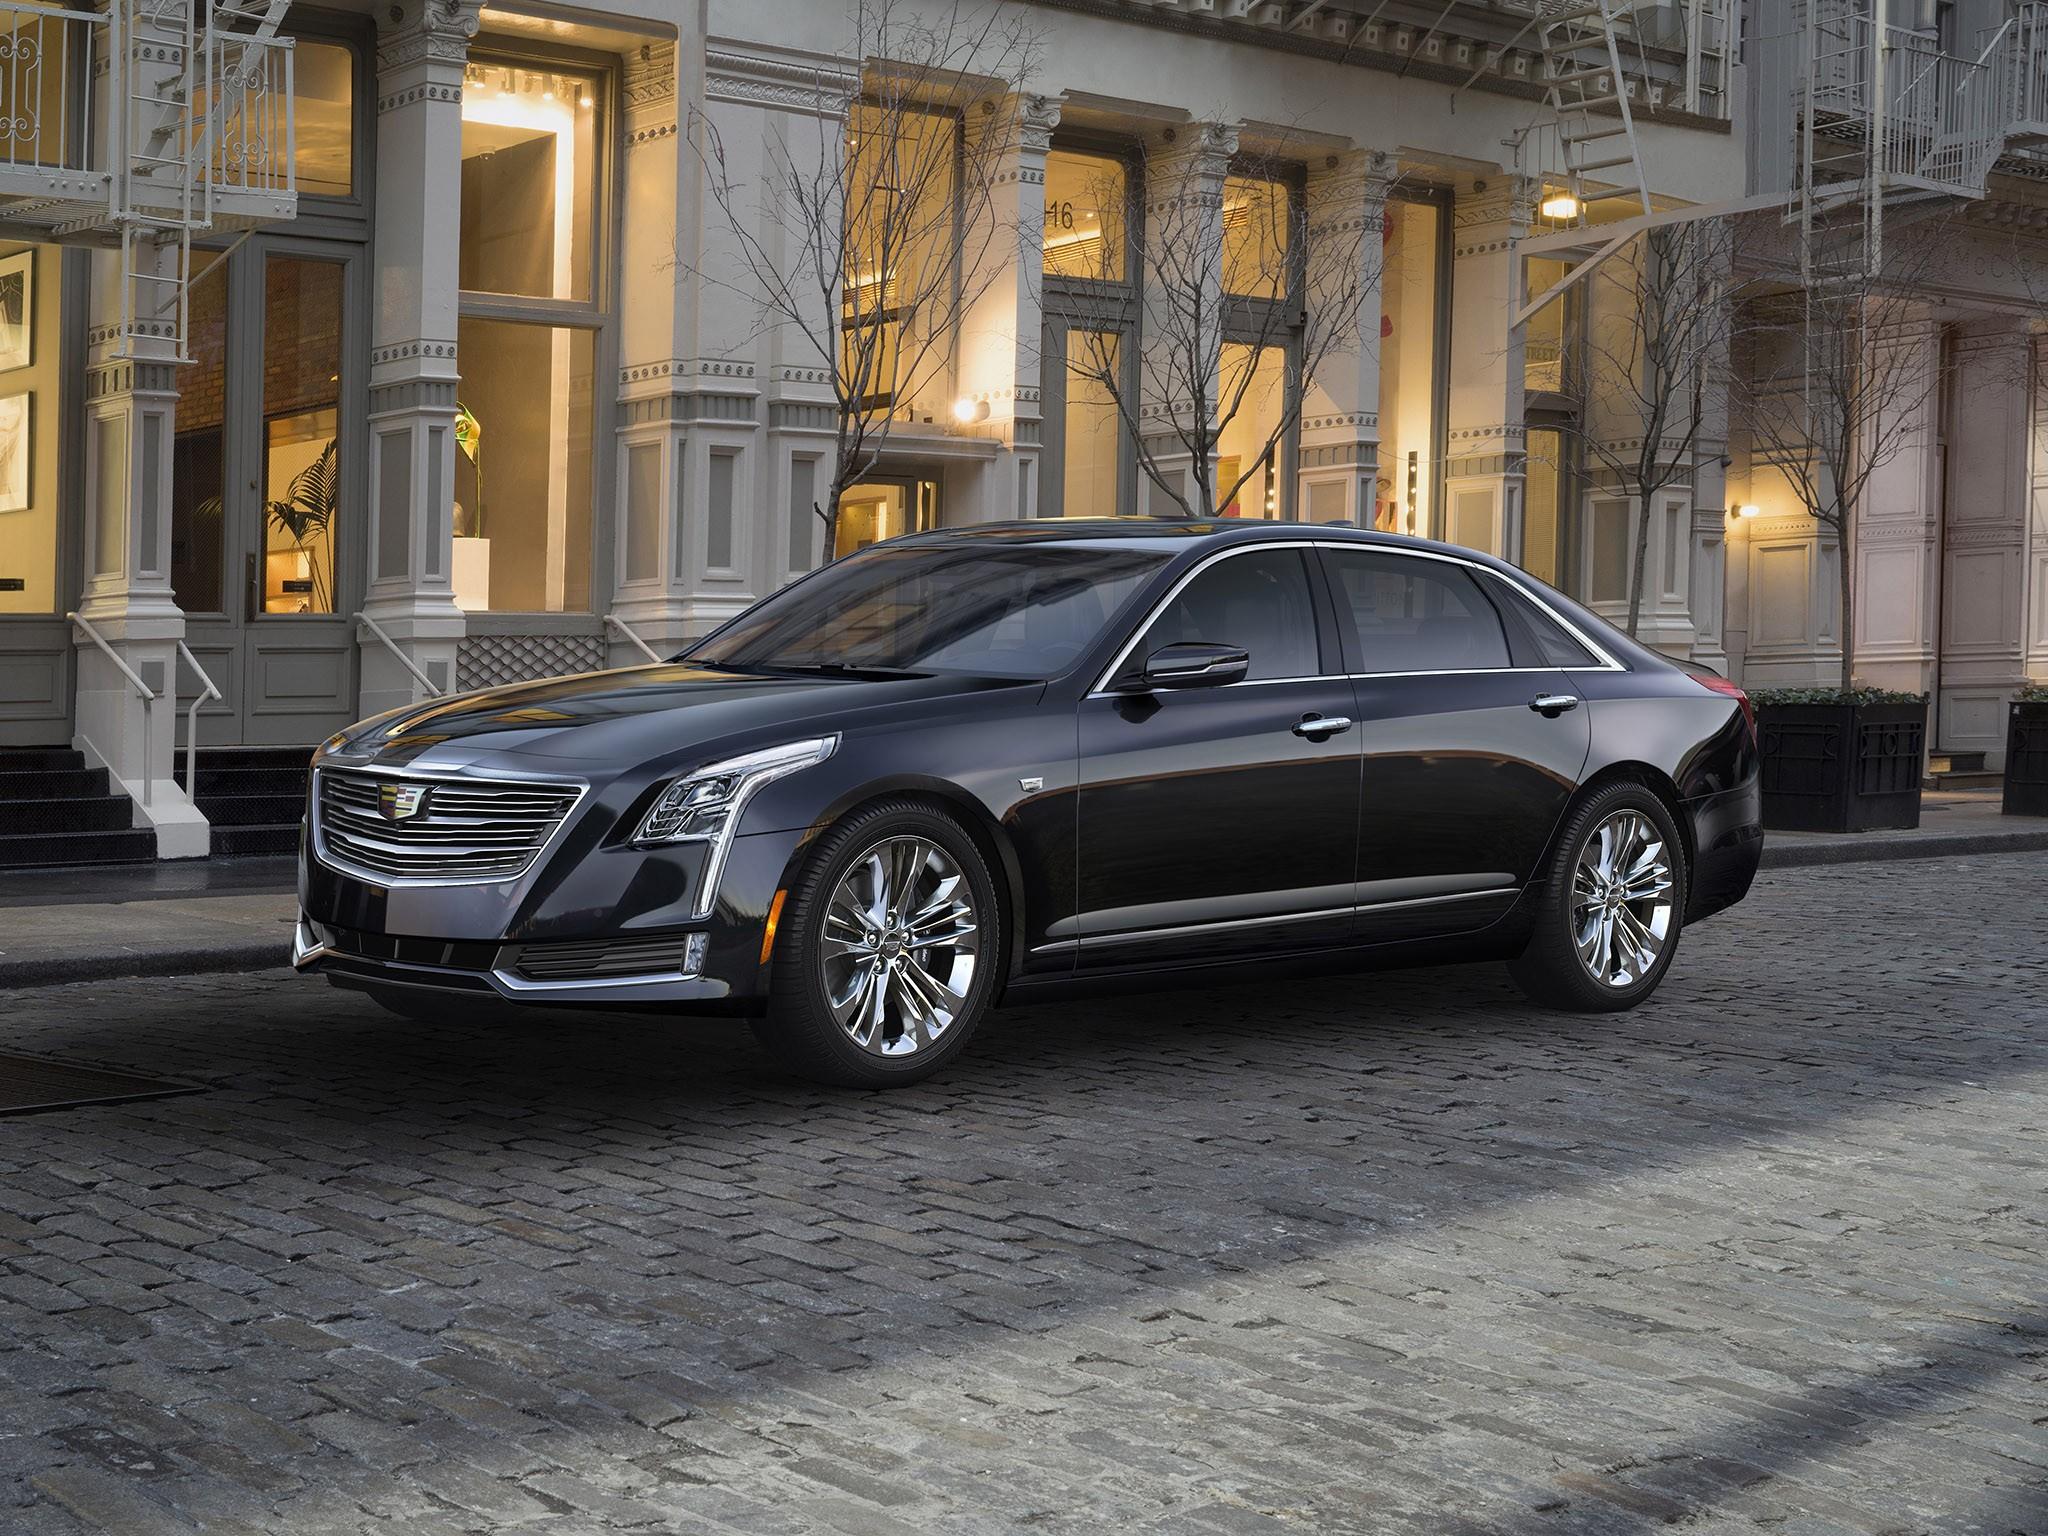 2015 Cadillac CT6